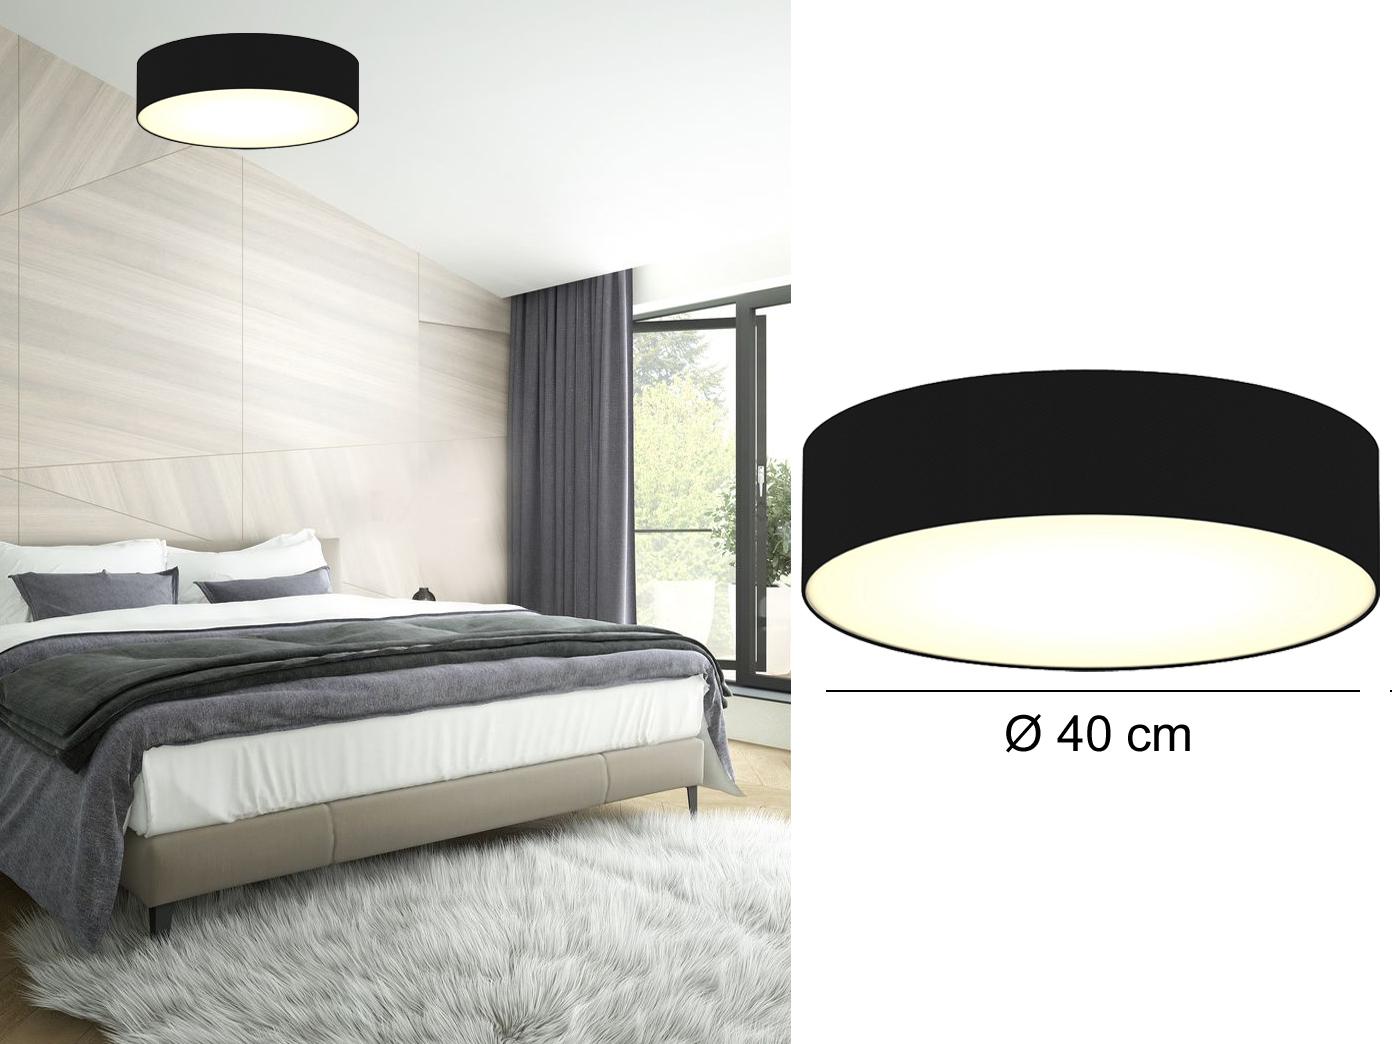 Full Size of Deckenlampe Schlafzimmer Poco Ikea Deckenleuchte Landhaus Amazon Deckenlampen Bauhaus Led Dimmbar Obi Sternenhimmel Design Modern 55f21fae578a5 Lampe Truhe Wohnzimmer Deckenlampen Schlafzimmer